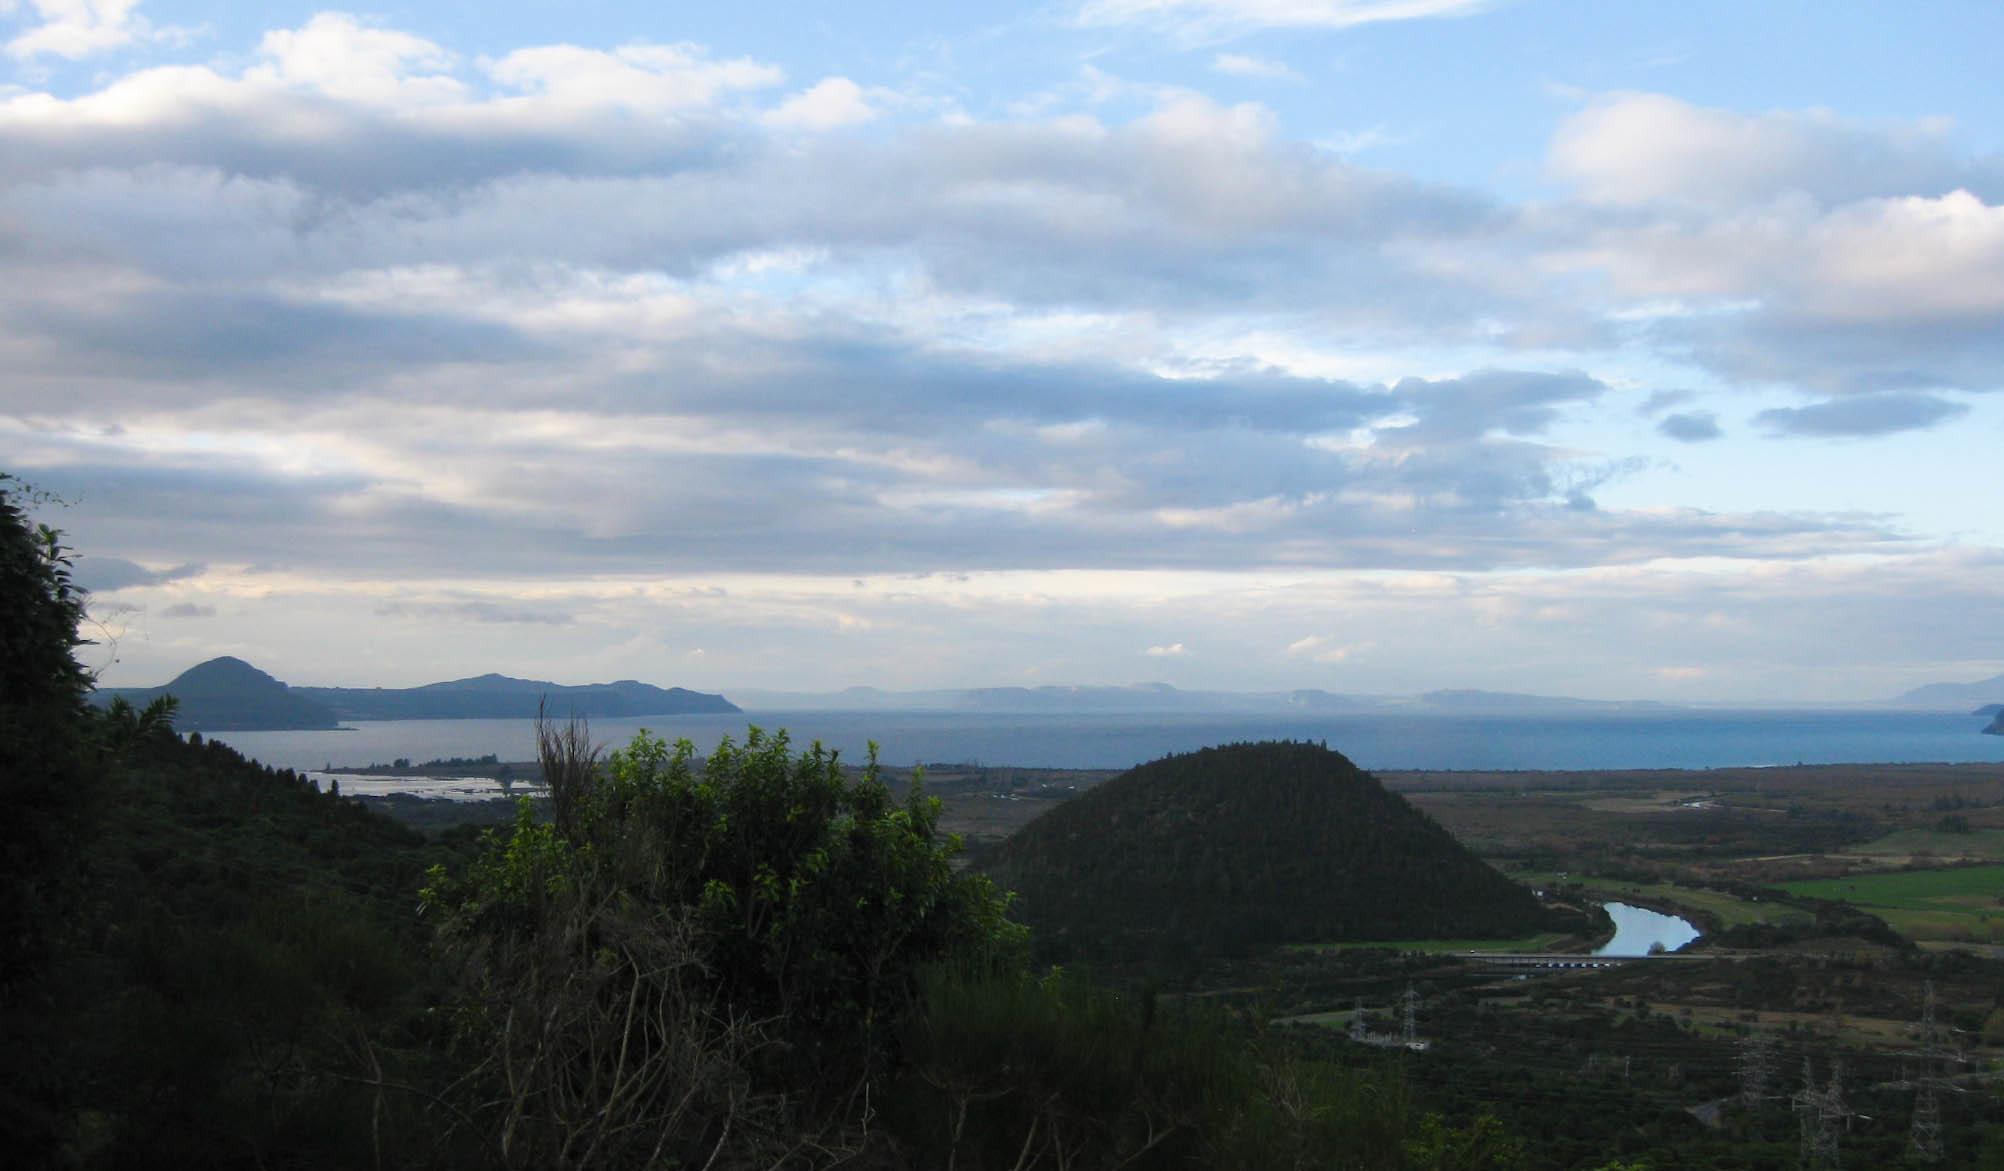 Nouvelle Zélande - Huka falls et lac taupo - Les lubies de louise (16 sur 18)